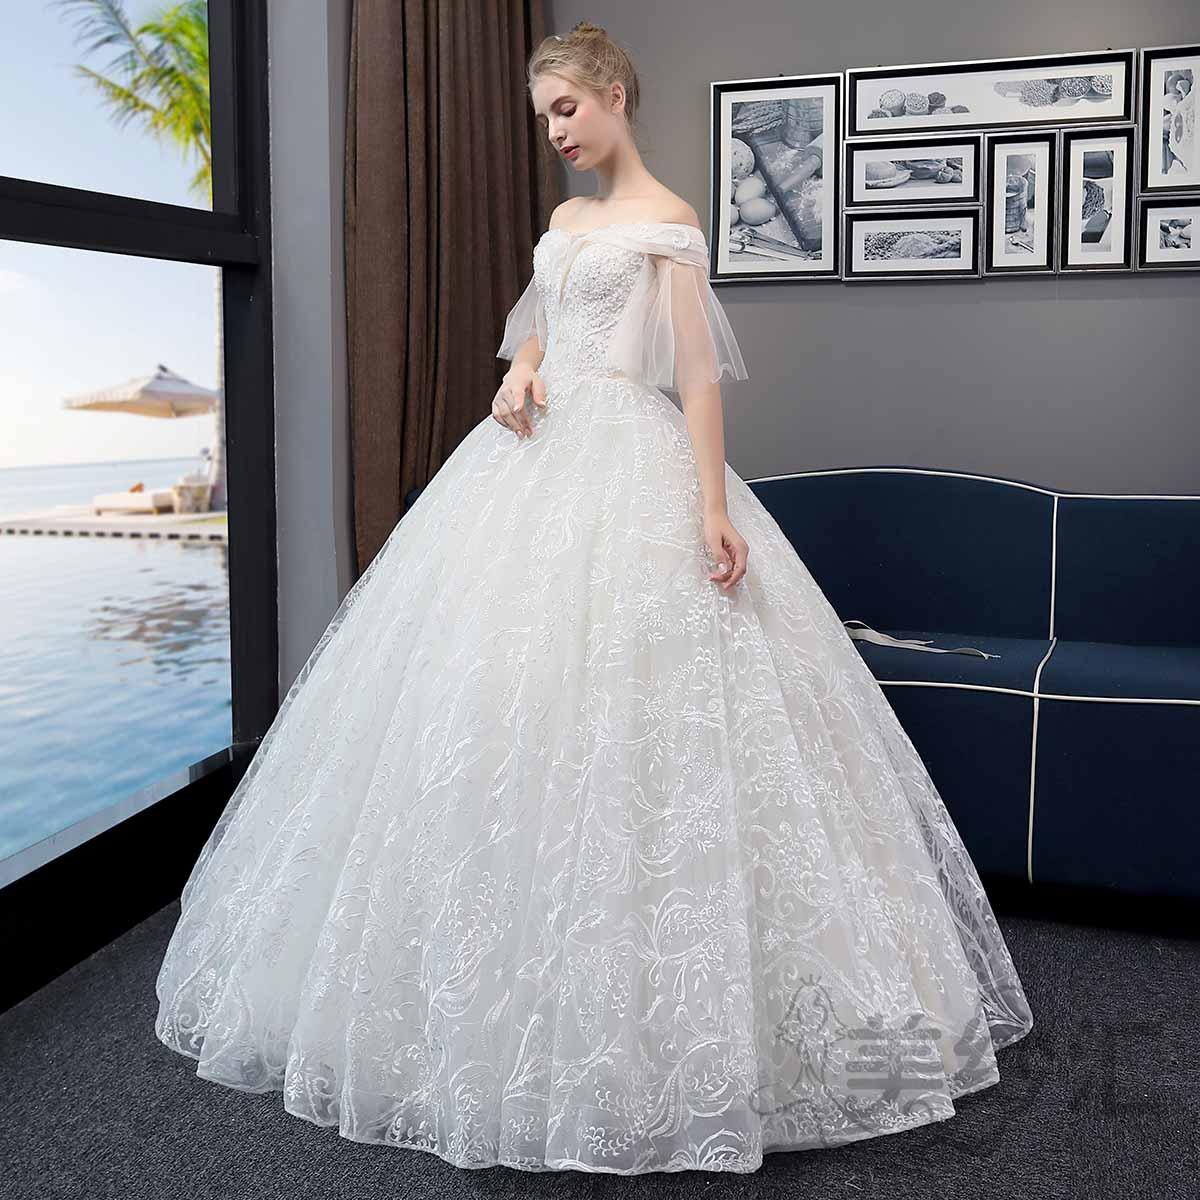 一字肩纱袖精美花纹新娘结婚当天嫁衣齐地婚纱绑带款1010722802 米白色 均码